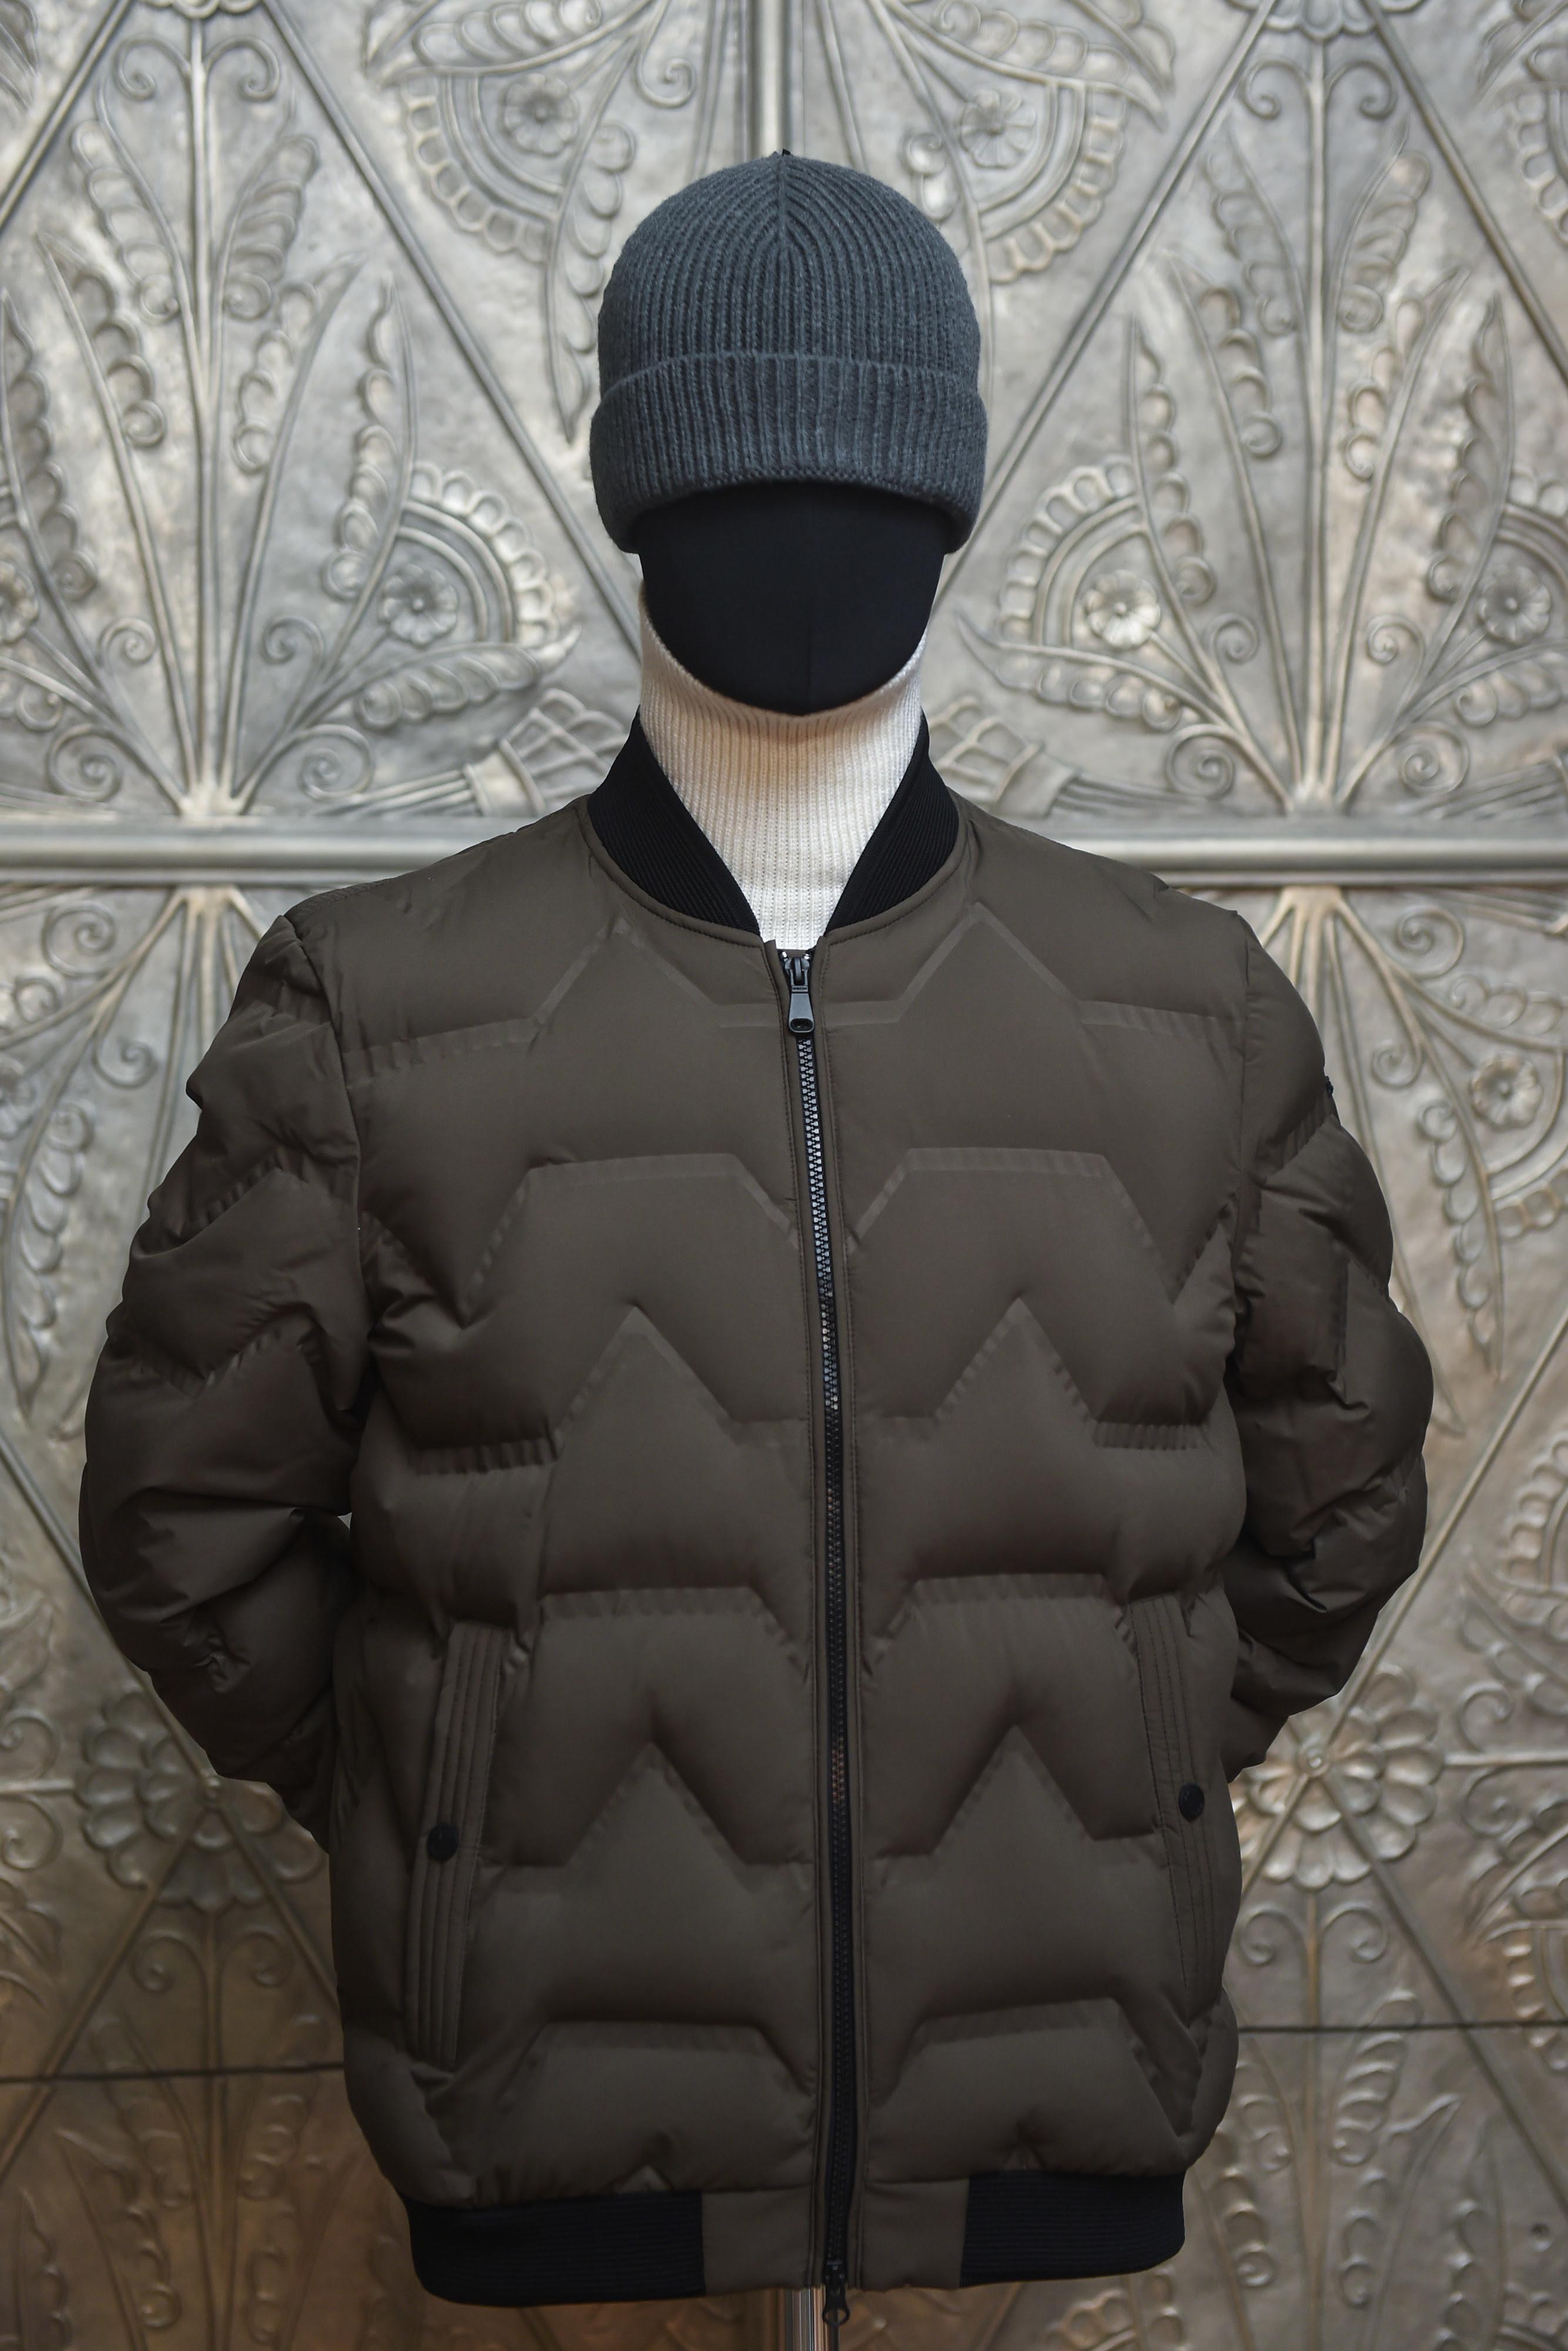 5baf1181 0b52 4b0c 80db 56a292a377a8 - Geox presenta su colección para hombre Otoño/Invierno 2020 de calzado y prendas exteriores